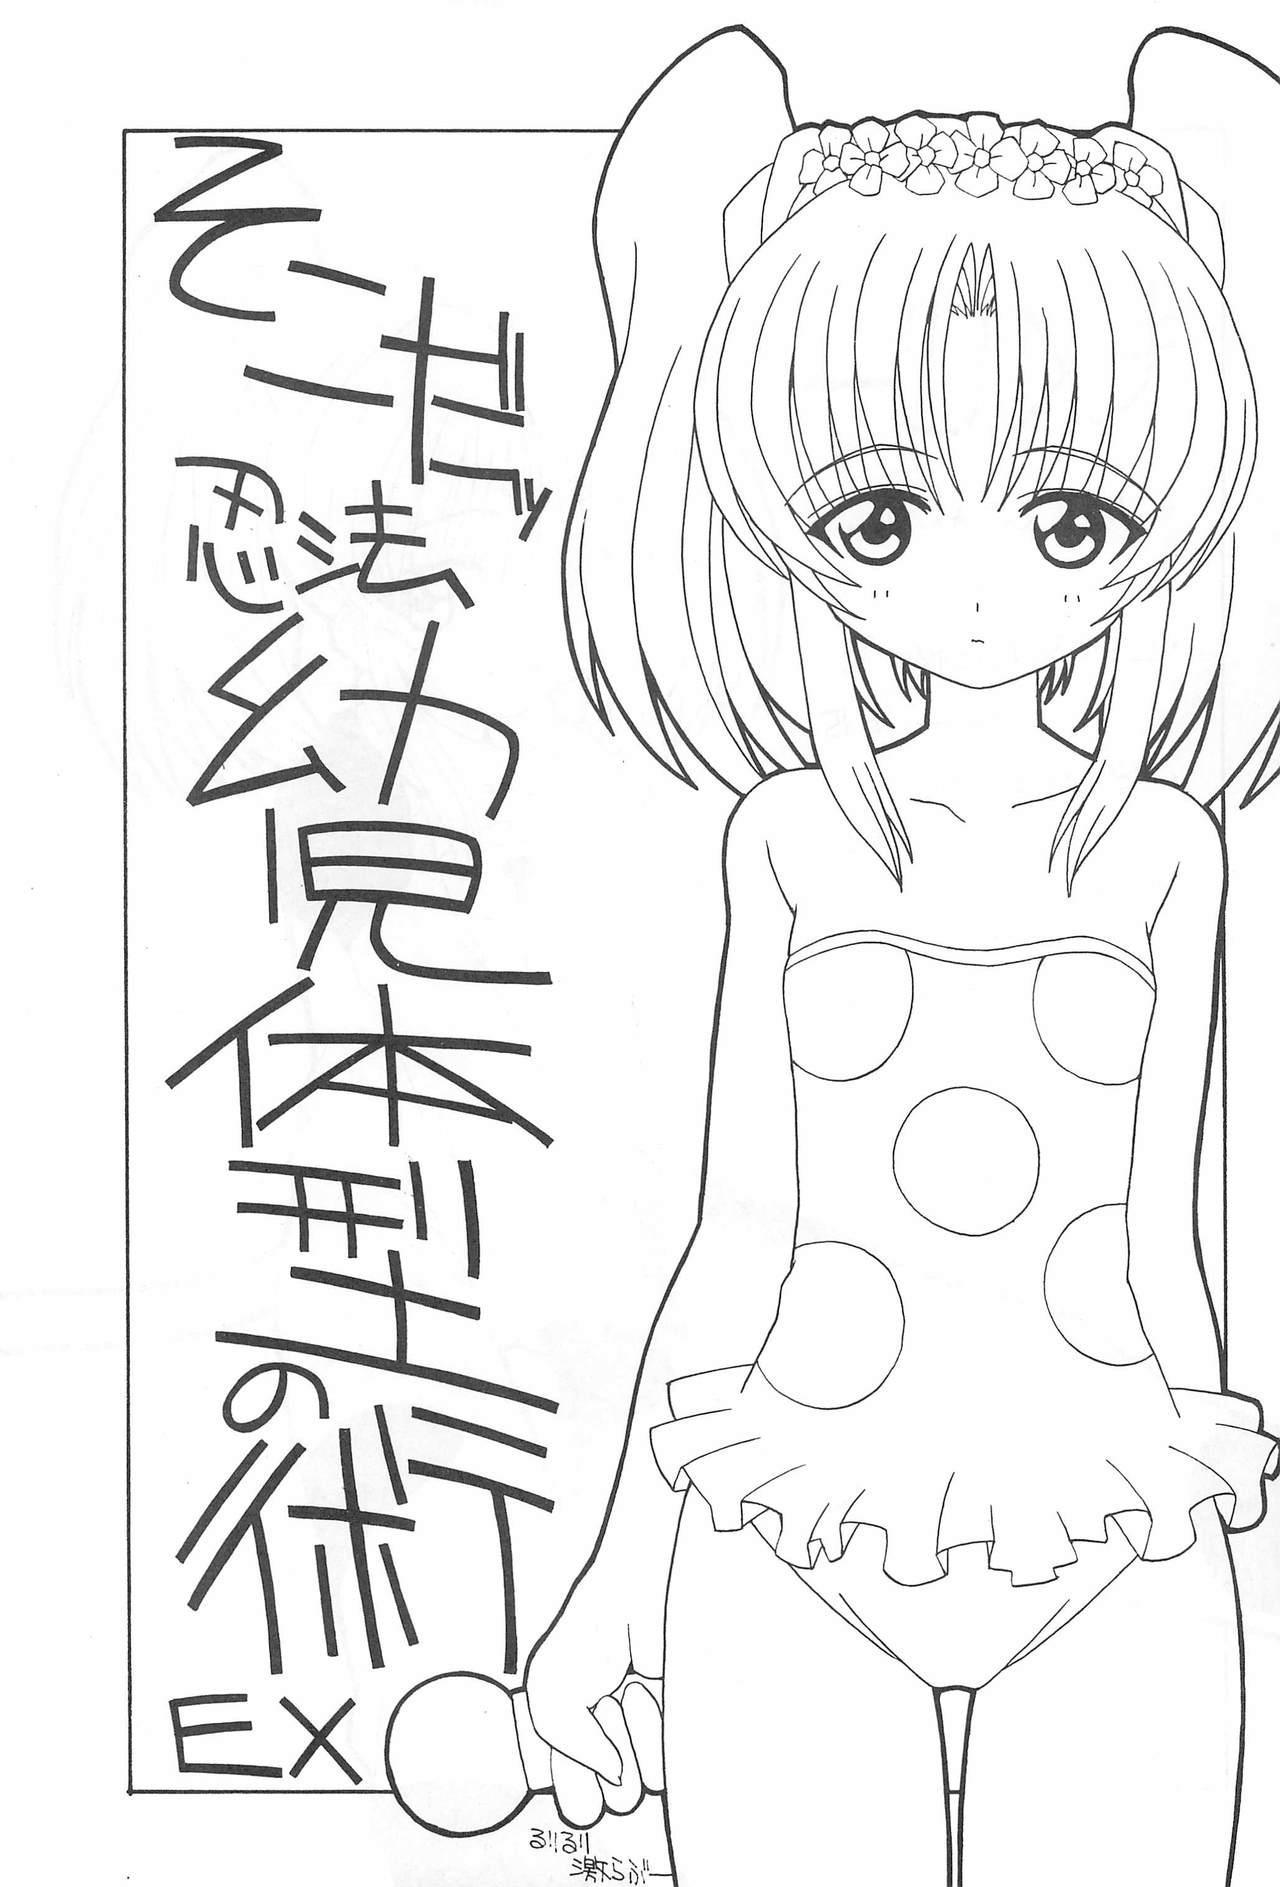 Soko da! Ninpou Youjitaikei no Jutsu EX 2